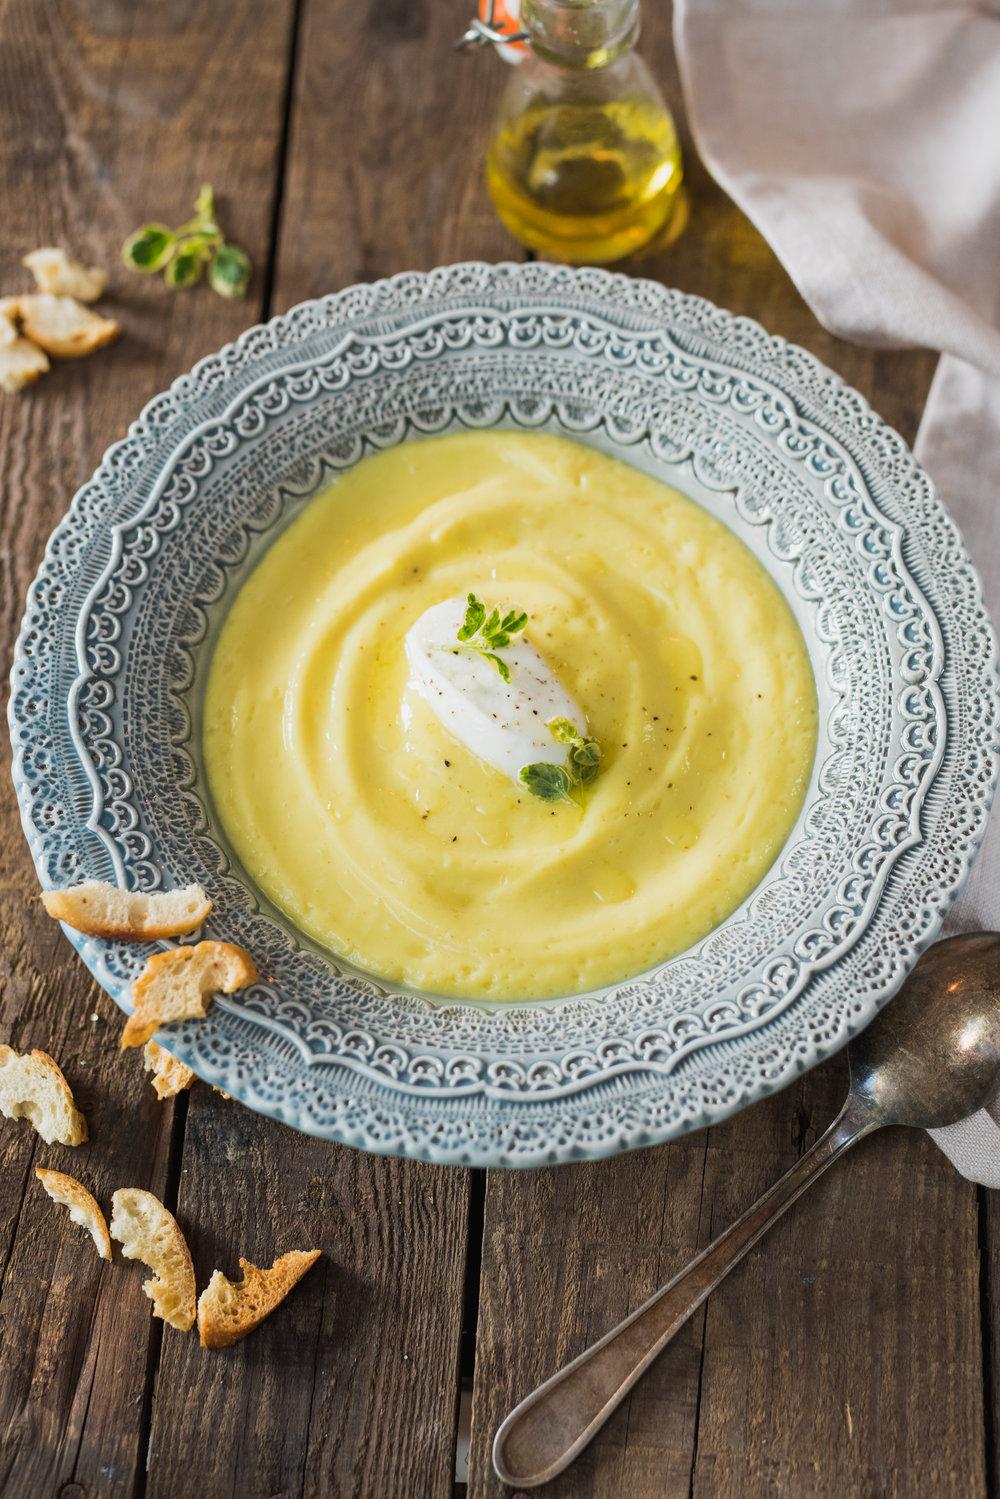 Photo tirée du livre de recettes  Ma table festive  Photographie : Catherine Côté Stylisme culinaire : Catherine Côté et Hubert Cormier